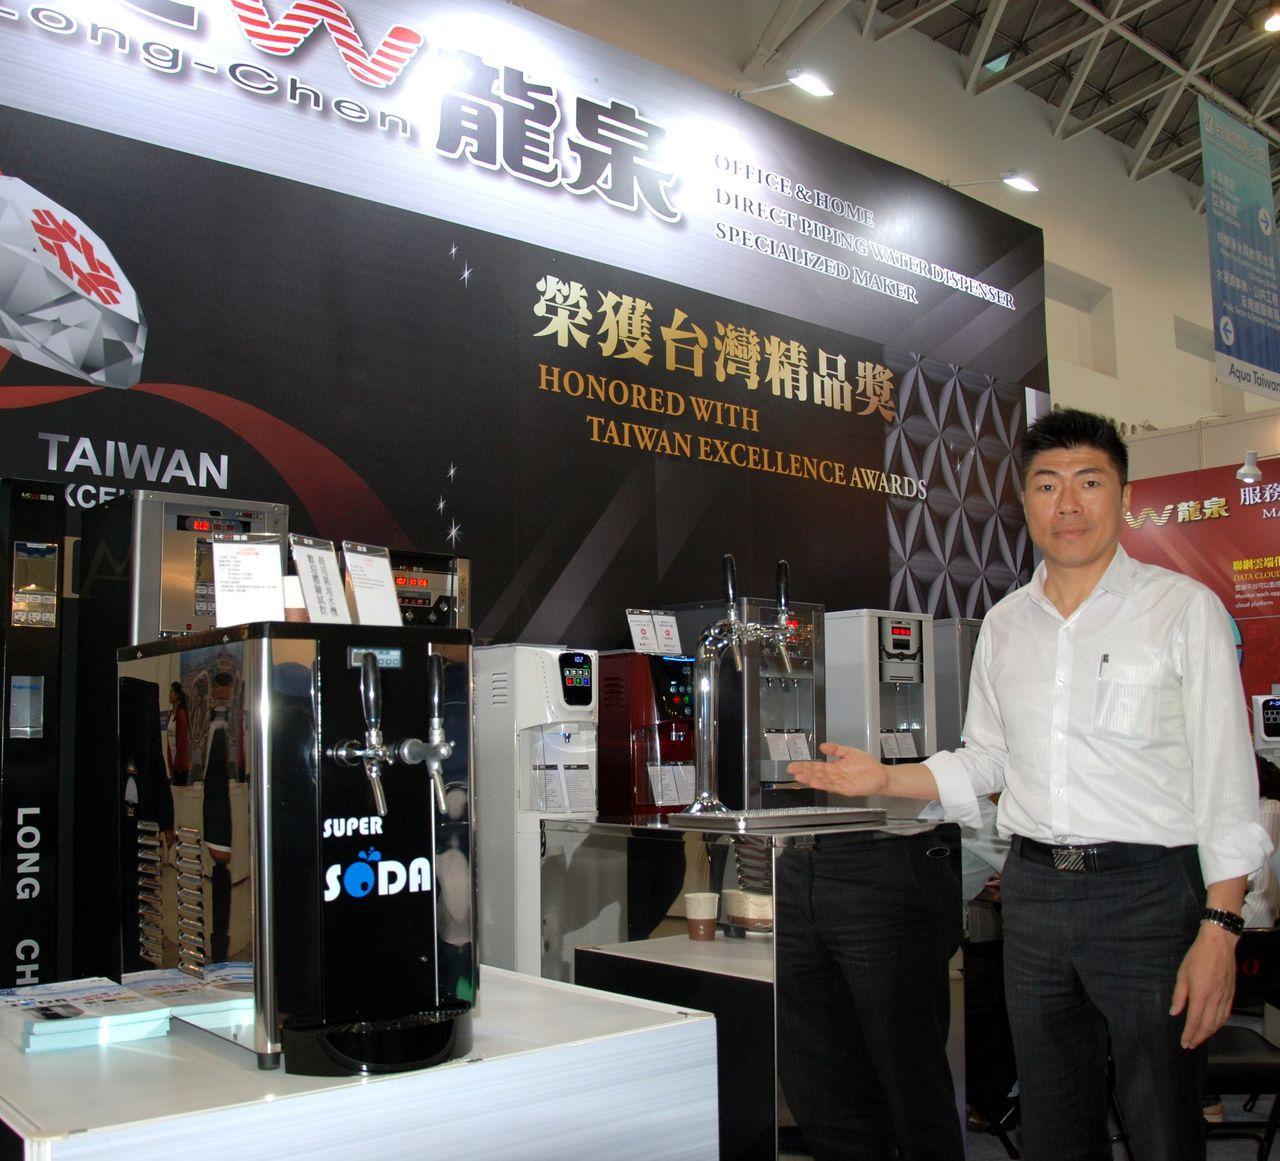 龍泉科技展出SUPER SODA商用機(桌上型跟廚下型),副總經理朱俊凱在現場解...